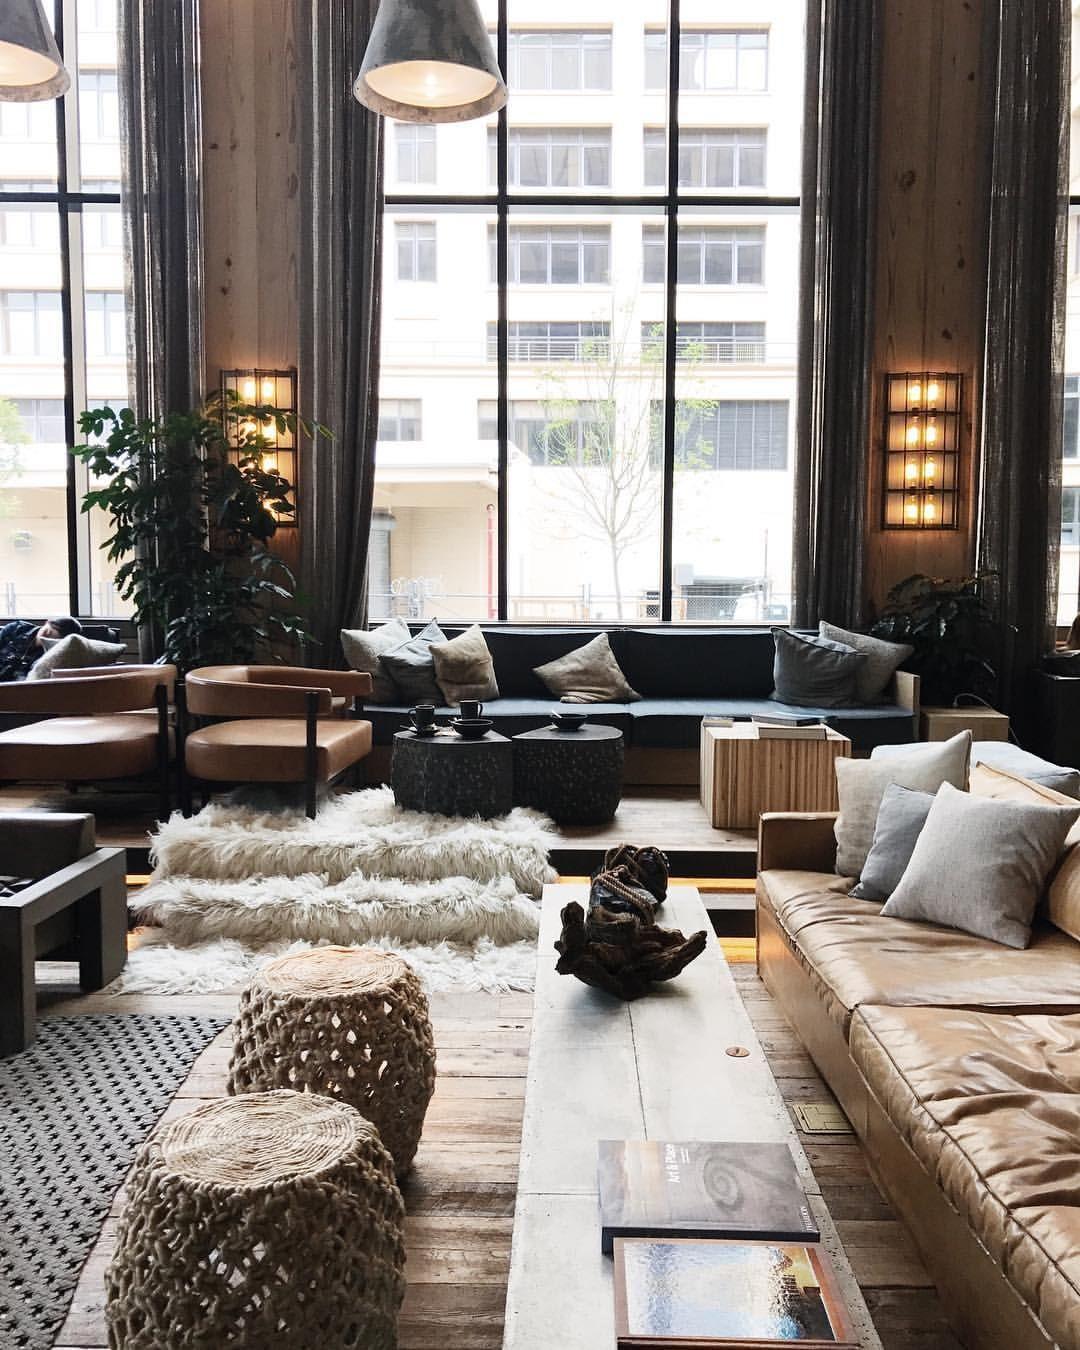 Home Design Ideas Instagram: 1,208 Vind-ik-leuks, 5 Reacties